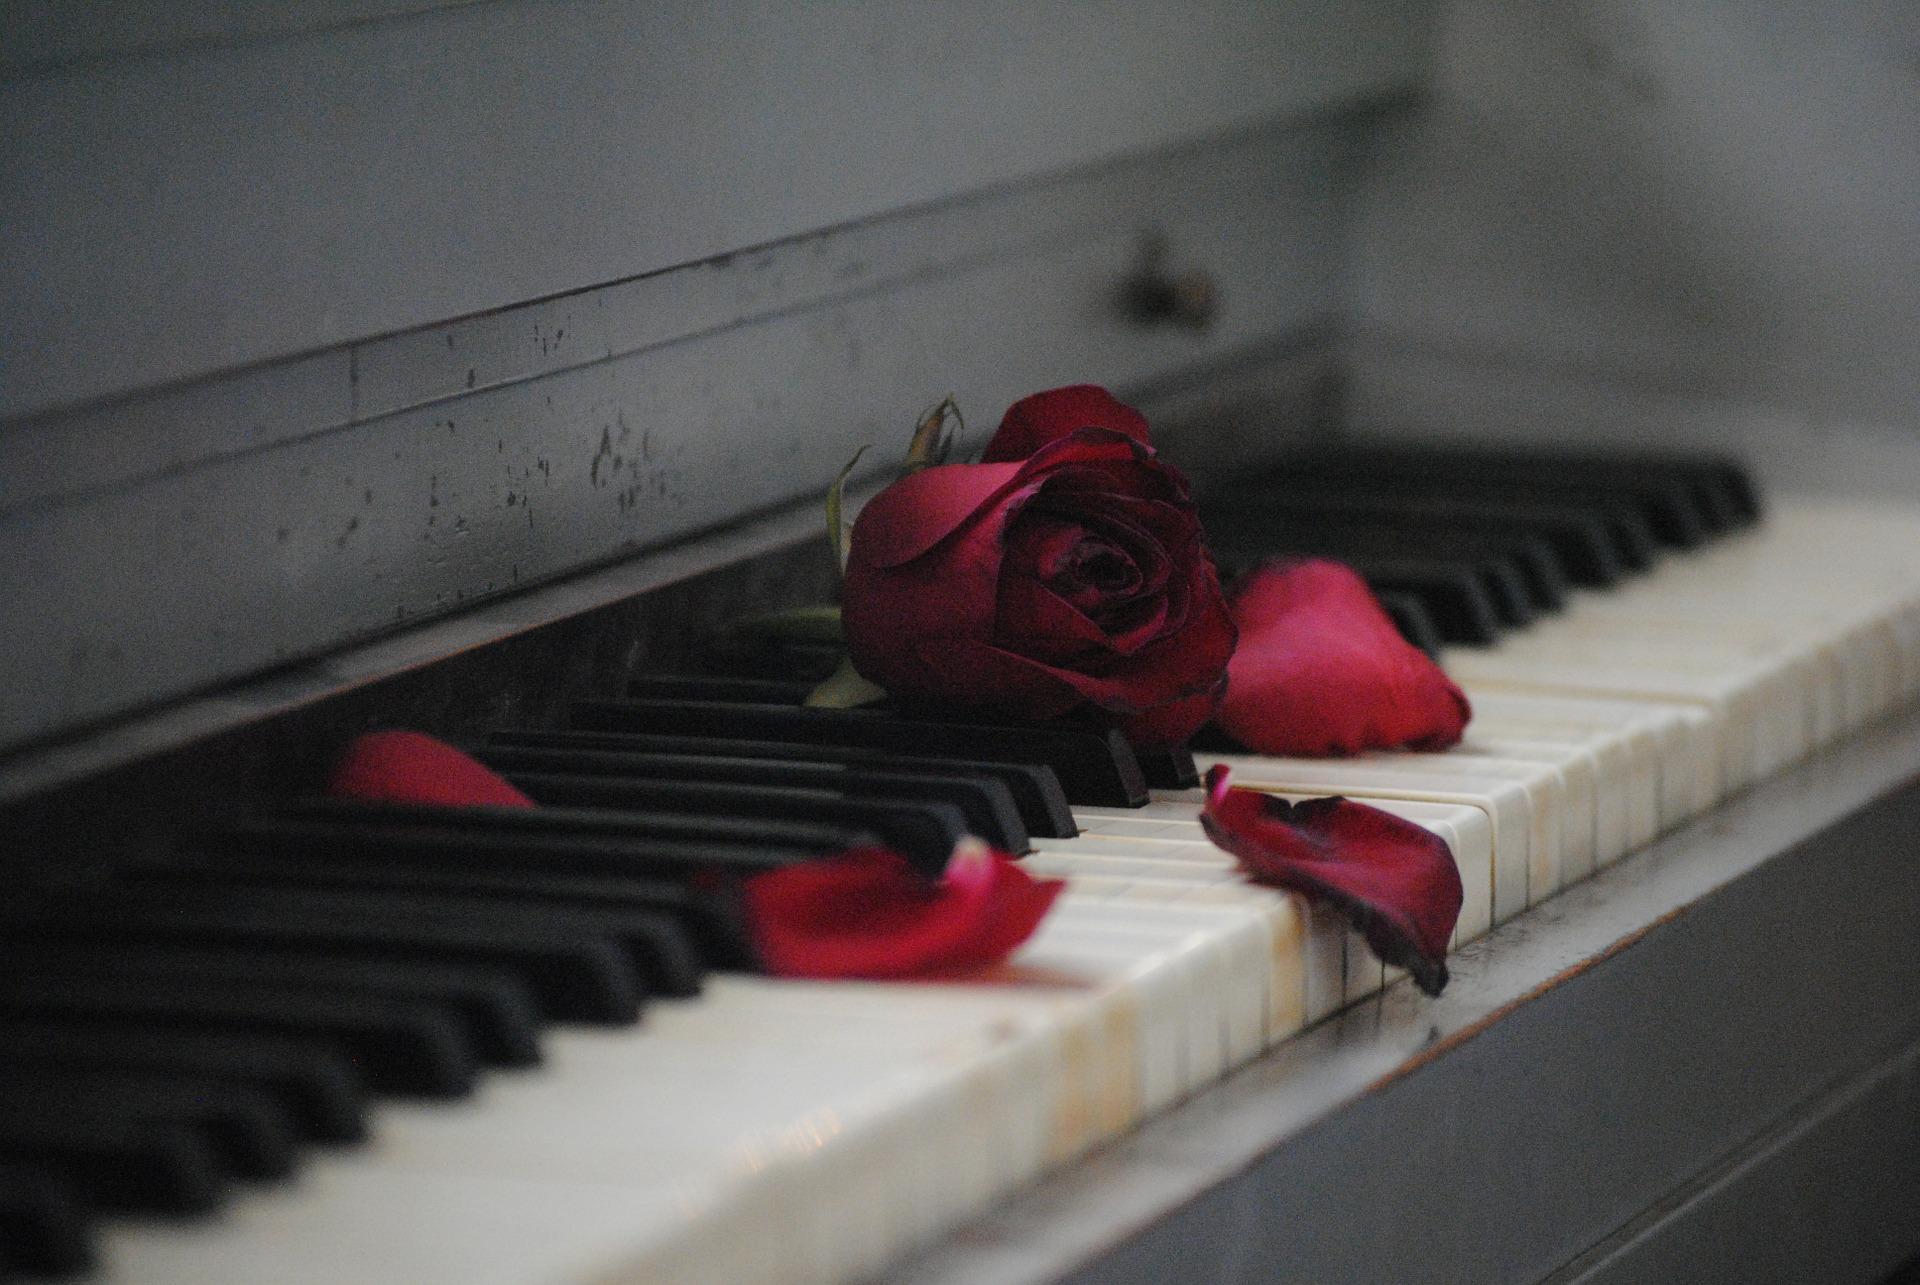 piano-571968_1920.jpg